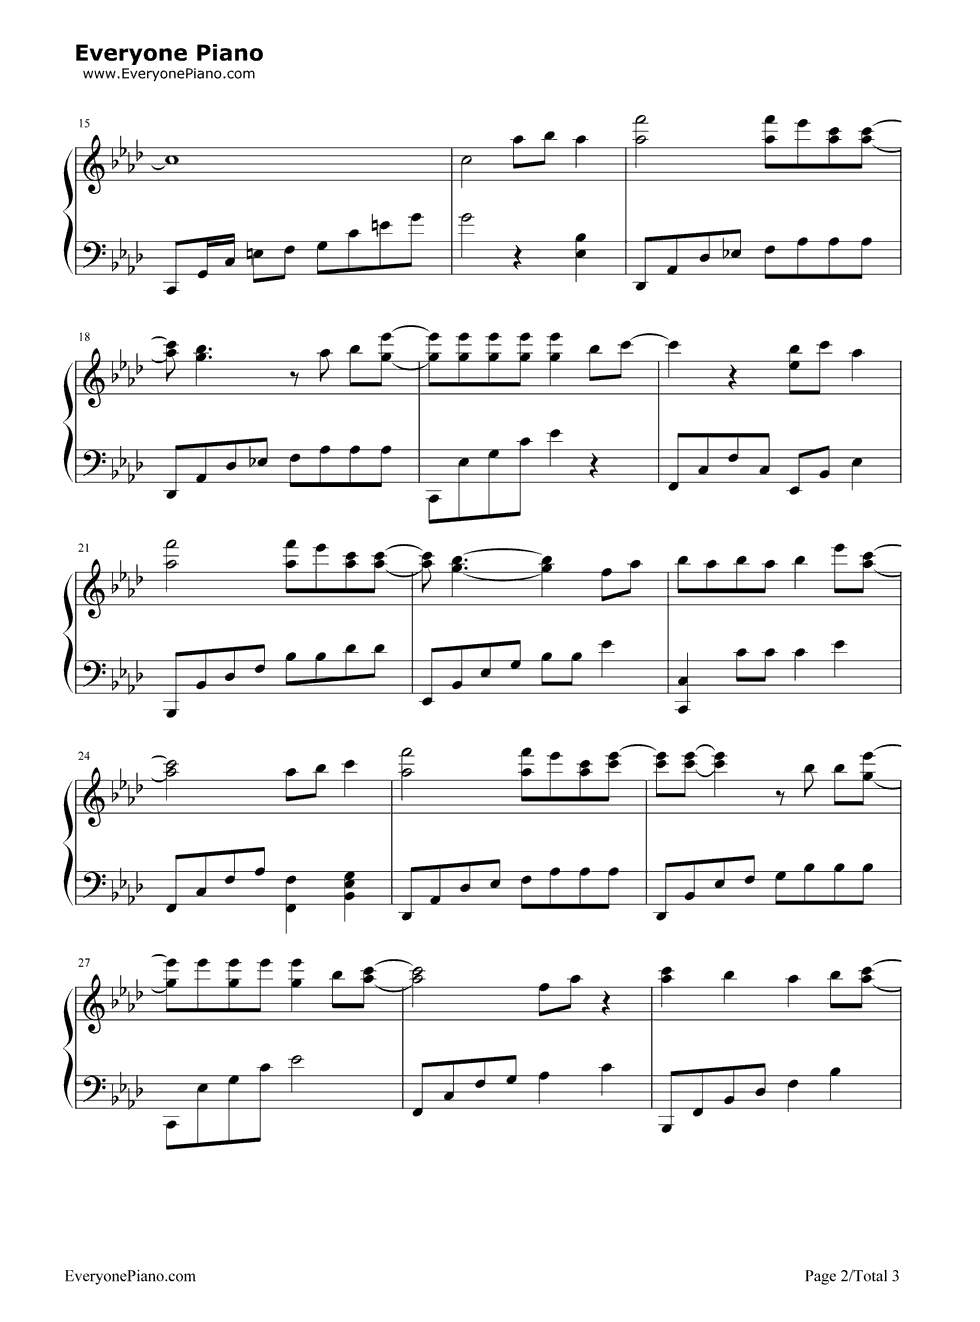 咱们结婚吧简谱_《咱们结婚吧》(齐晨演唱)钢琴谱第2张